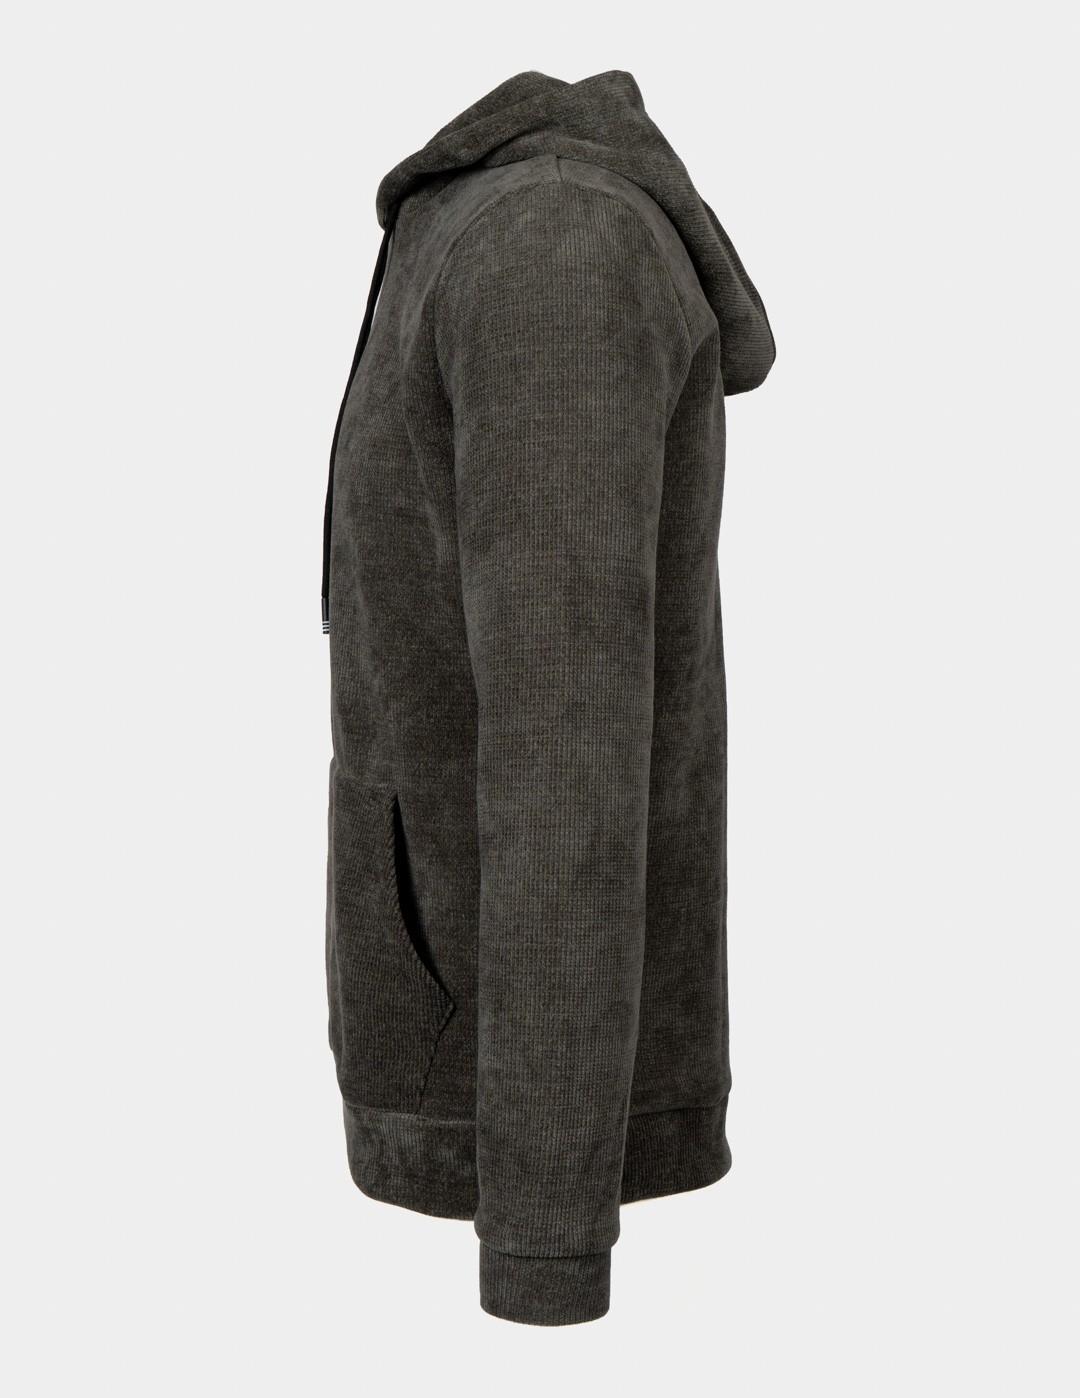 MANCHESTER Sweatshirt Dark Olive